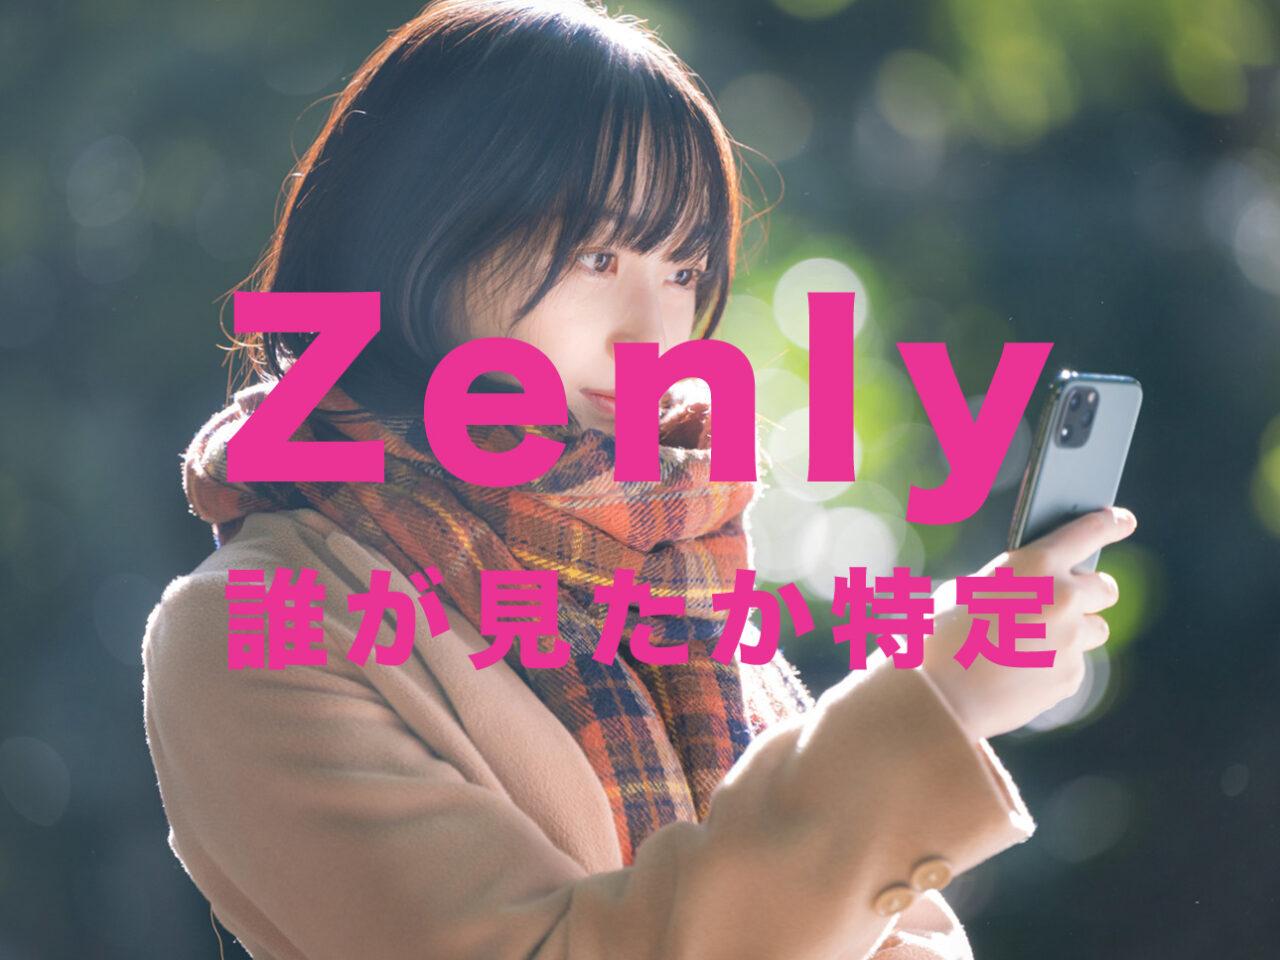 ゼンリー(Zenly)で誰が何回見たか分かる方法や誰が見てるかわかるアプリはある?のサムネイル画像